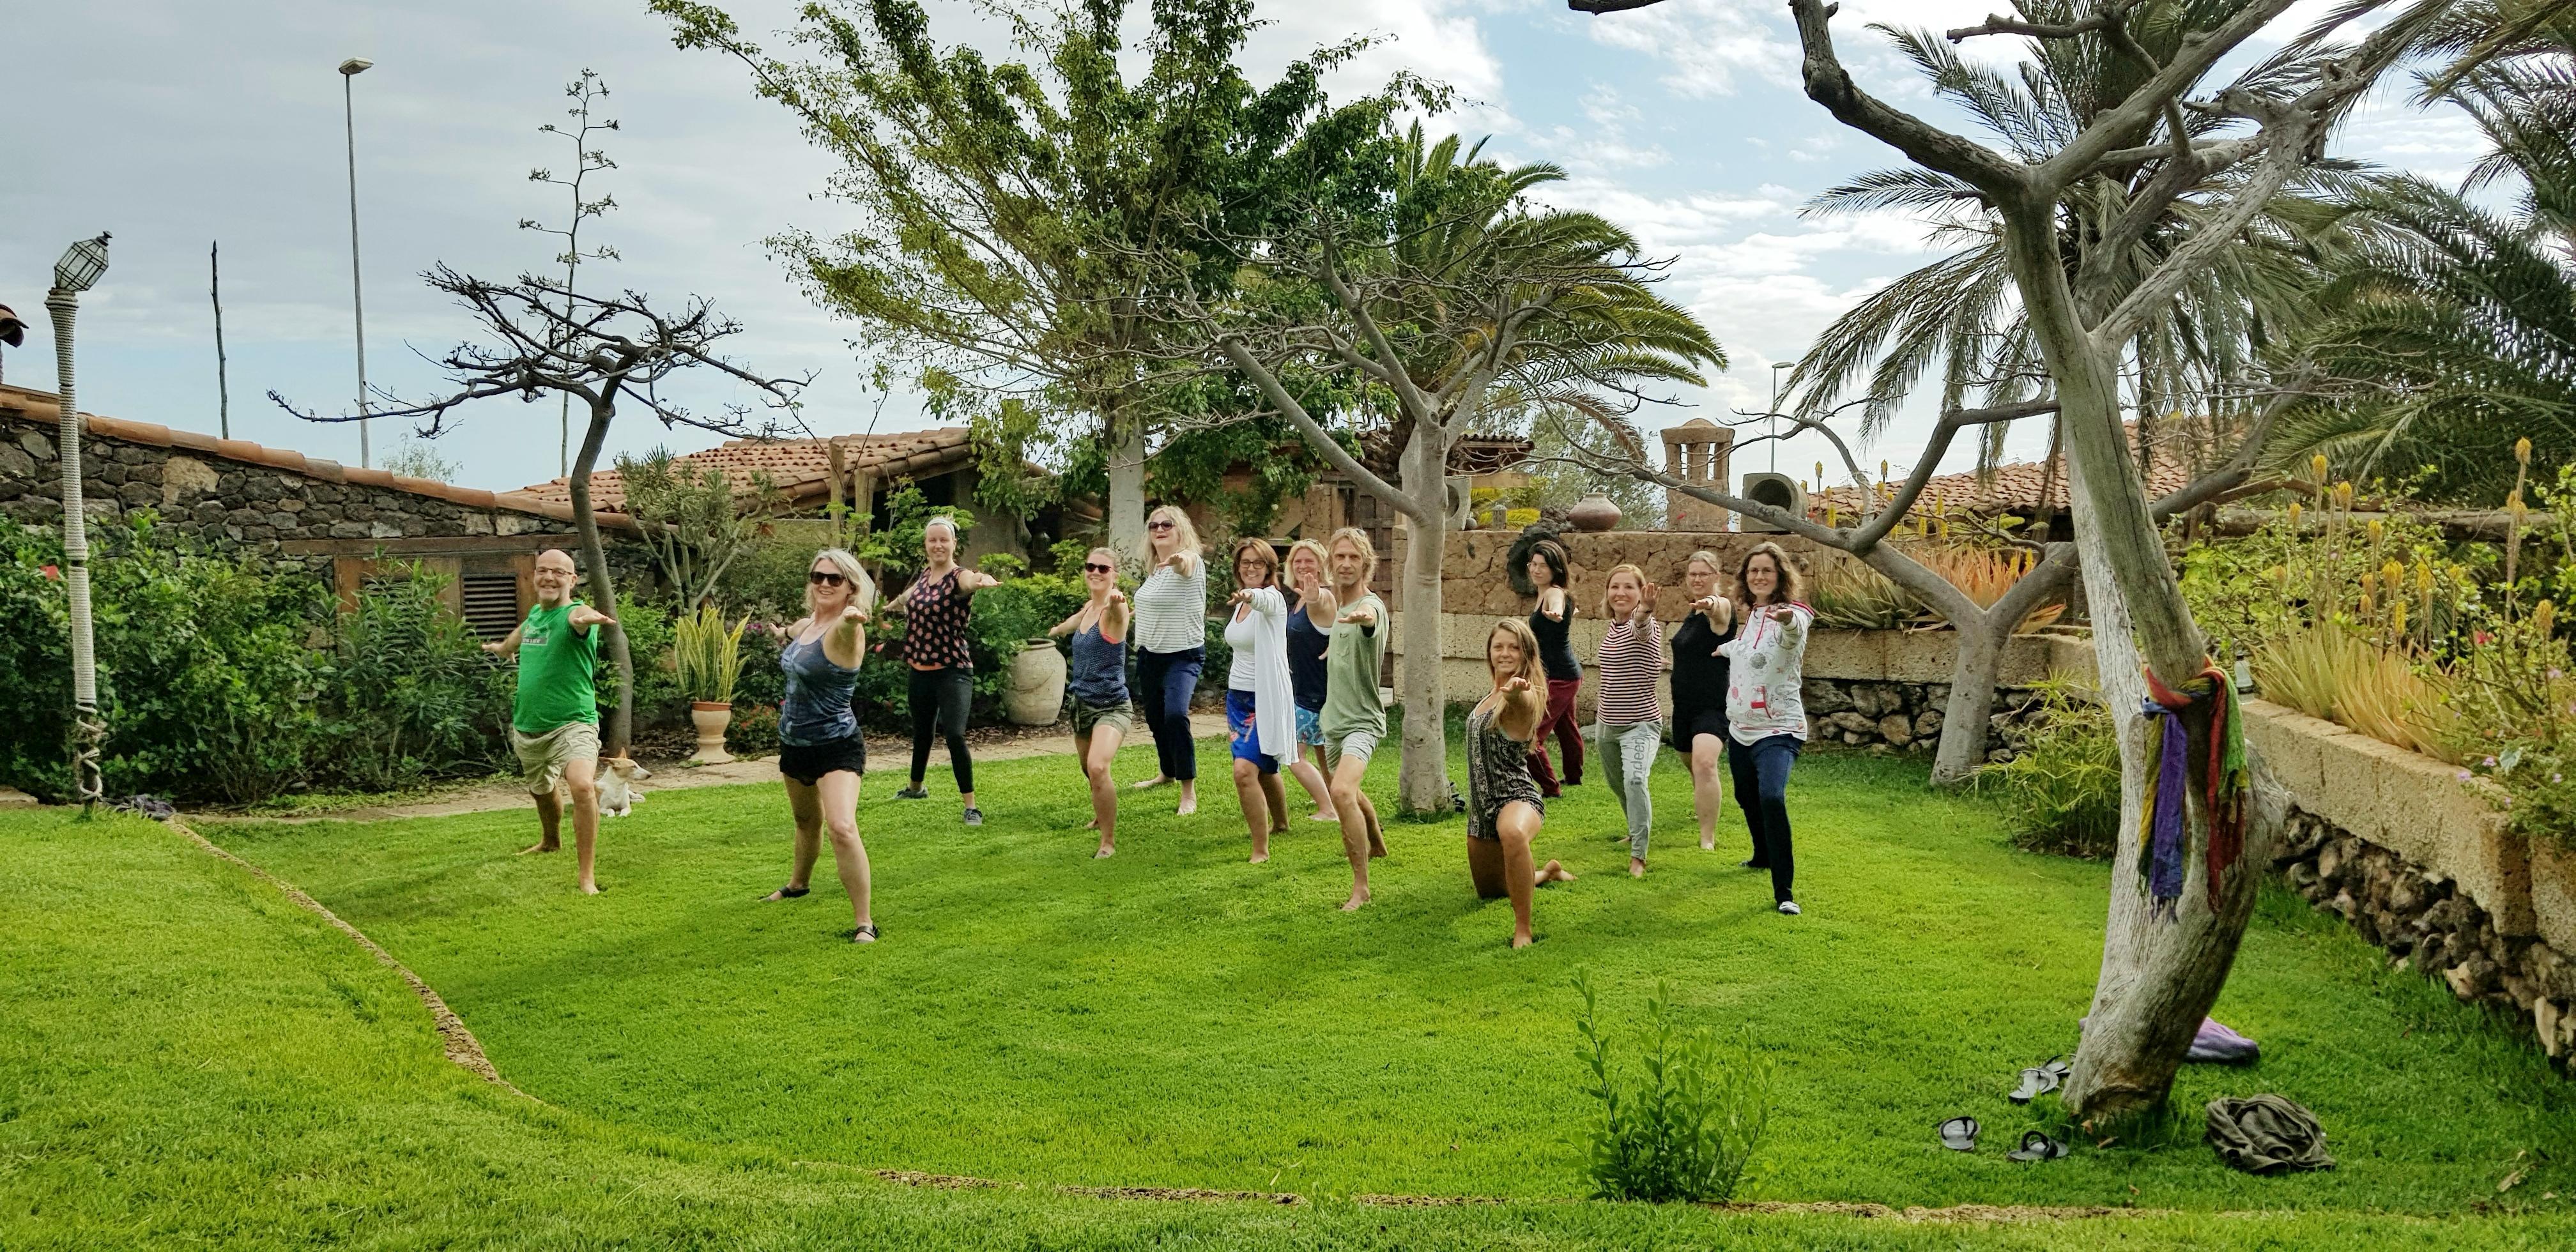 Haarlemmer 'gevangen' in paradijs op zonnig Tenerife: 'Als je toch ergens in lockdown moet zitten, dan is dit de ultieme plaats'